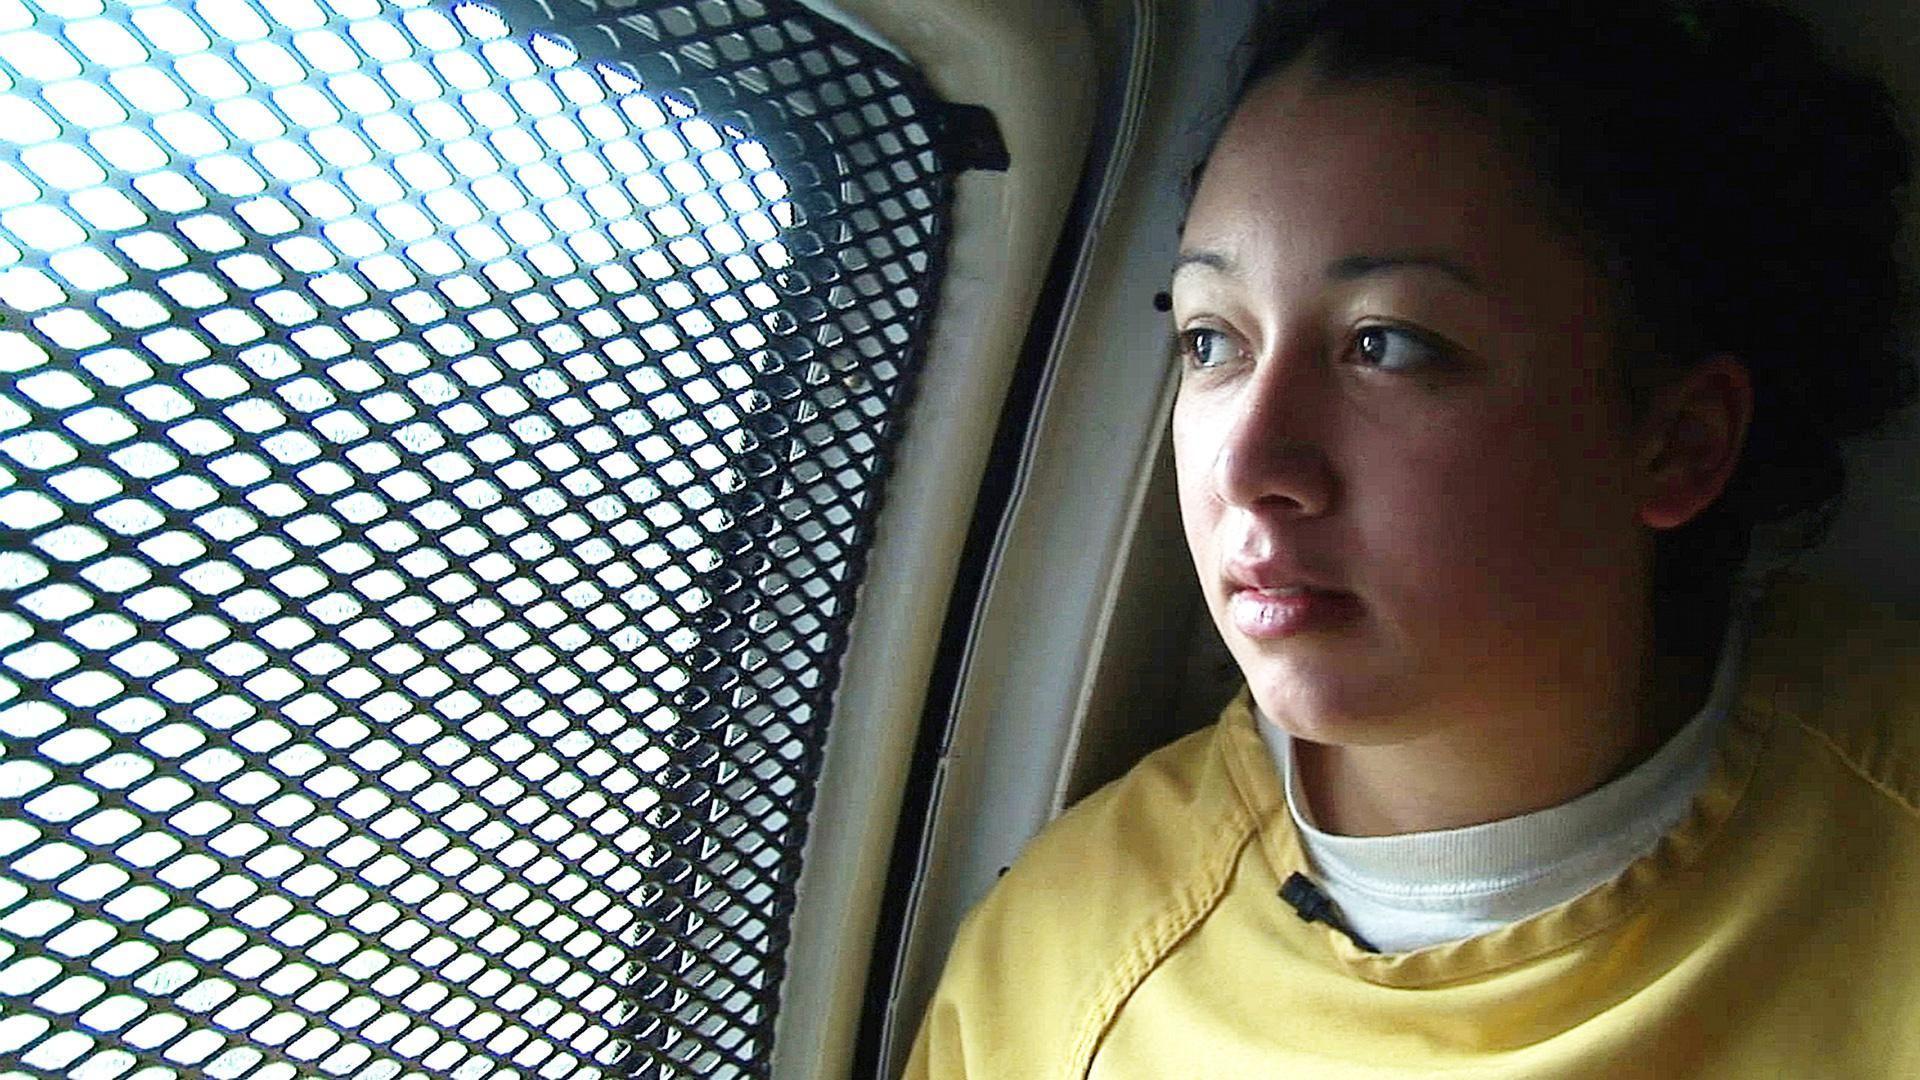 E' stata graziata! Cyntoia Brown uccise il suo violentatore e fu condannata all'ergastolo